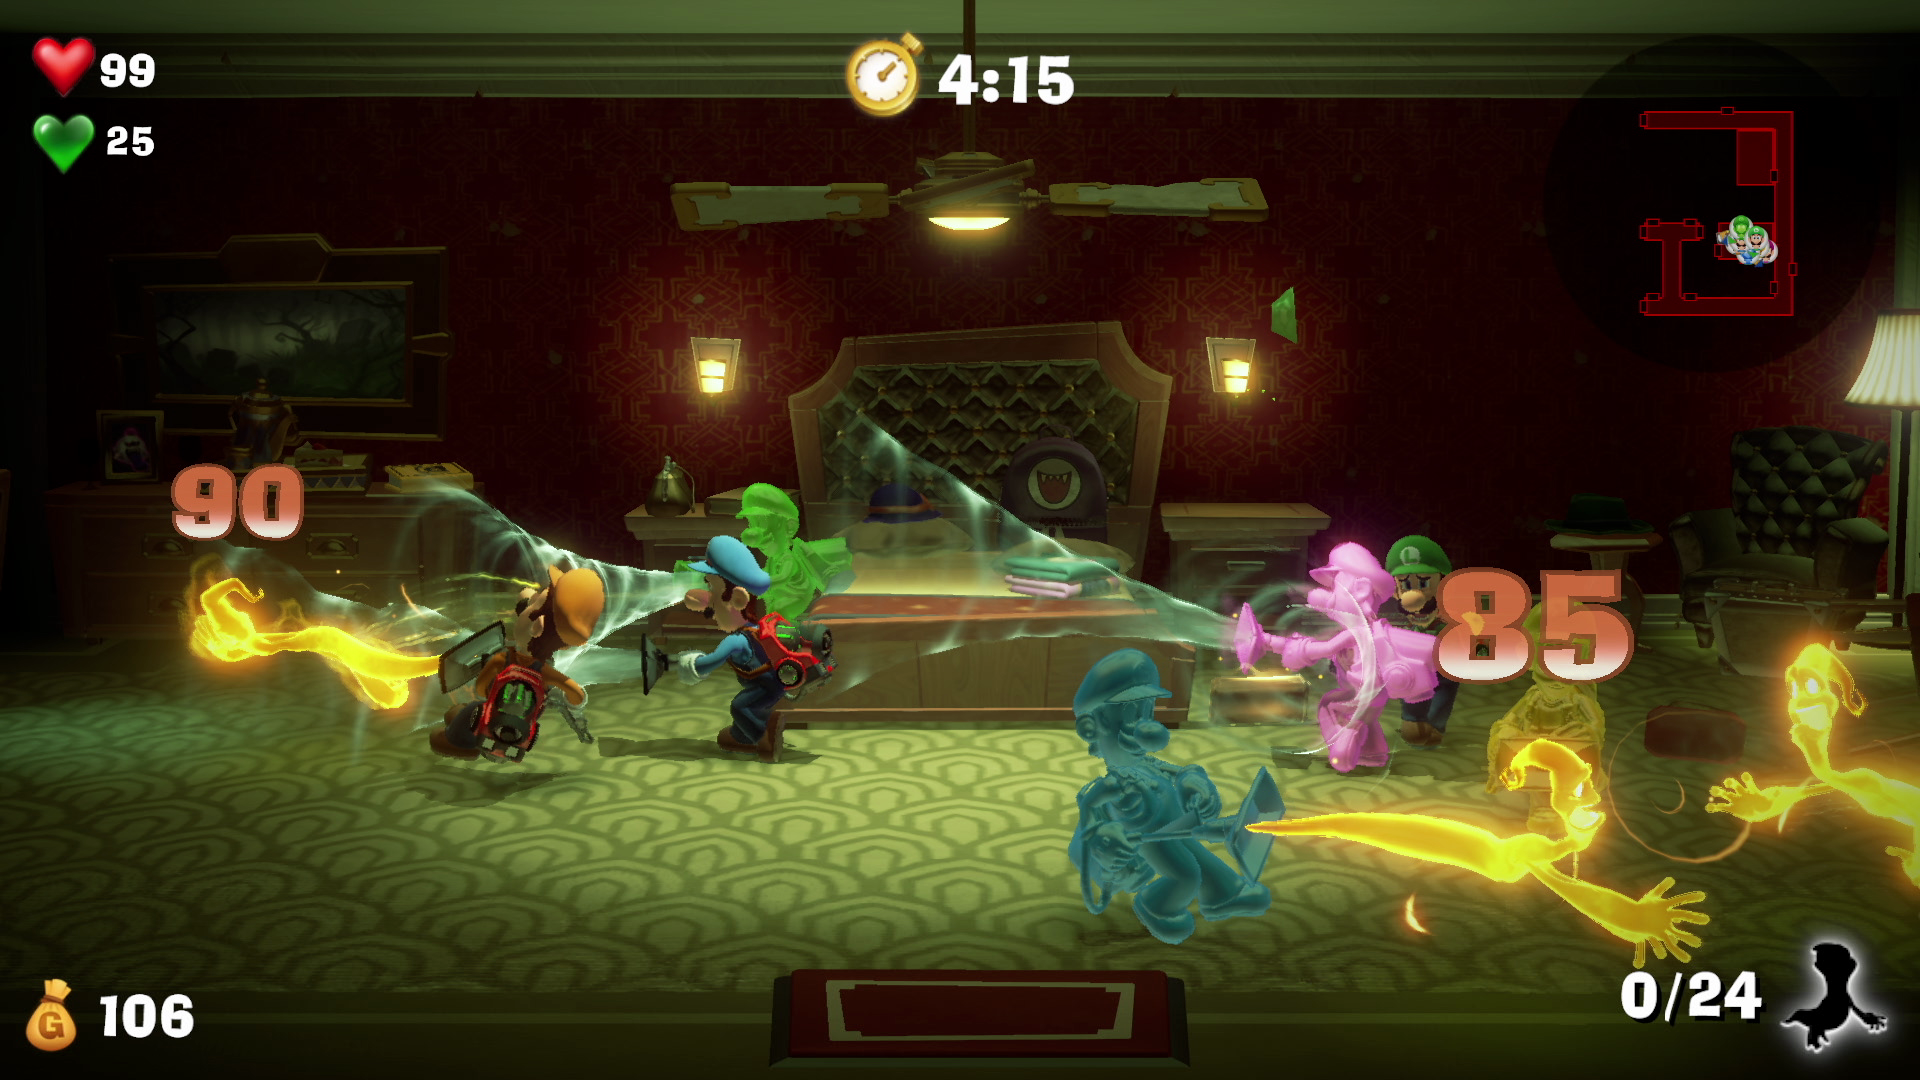 Flera slem-Luigis i olika färger jagar guldspöken i en salong.